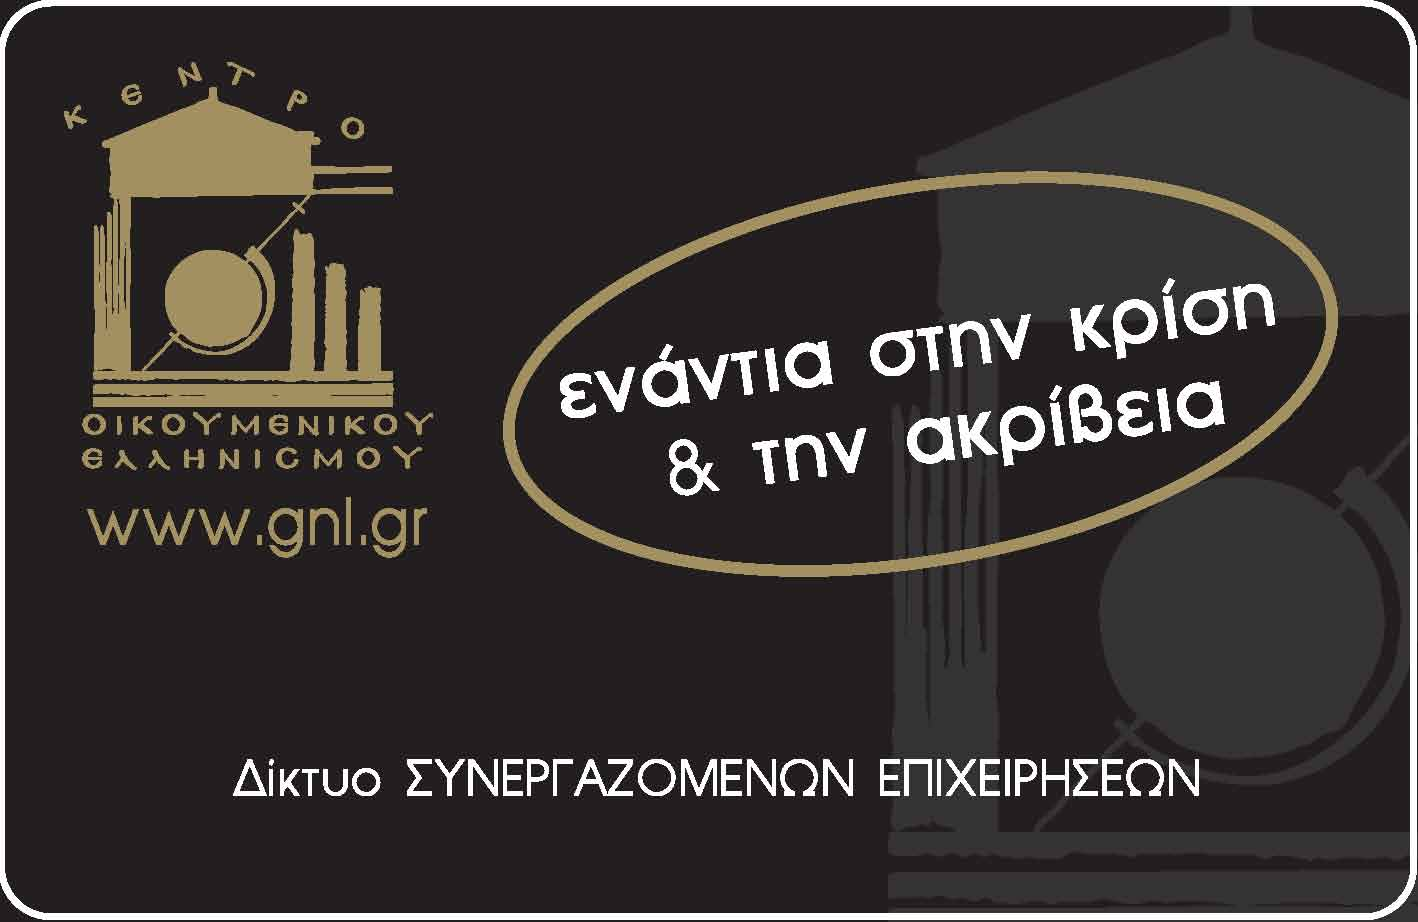 Δελτίο Τύπου Δικτύου Οικουμενικού Ελληνισμού